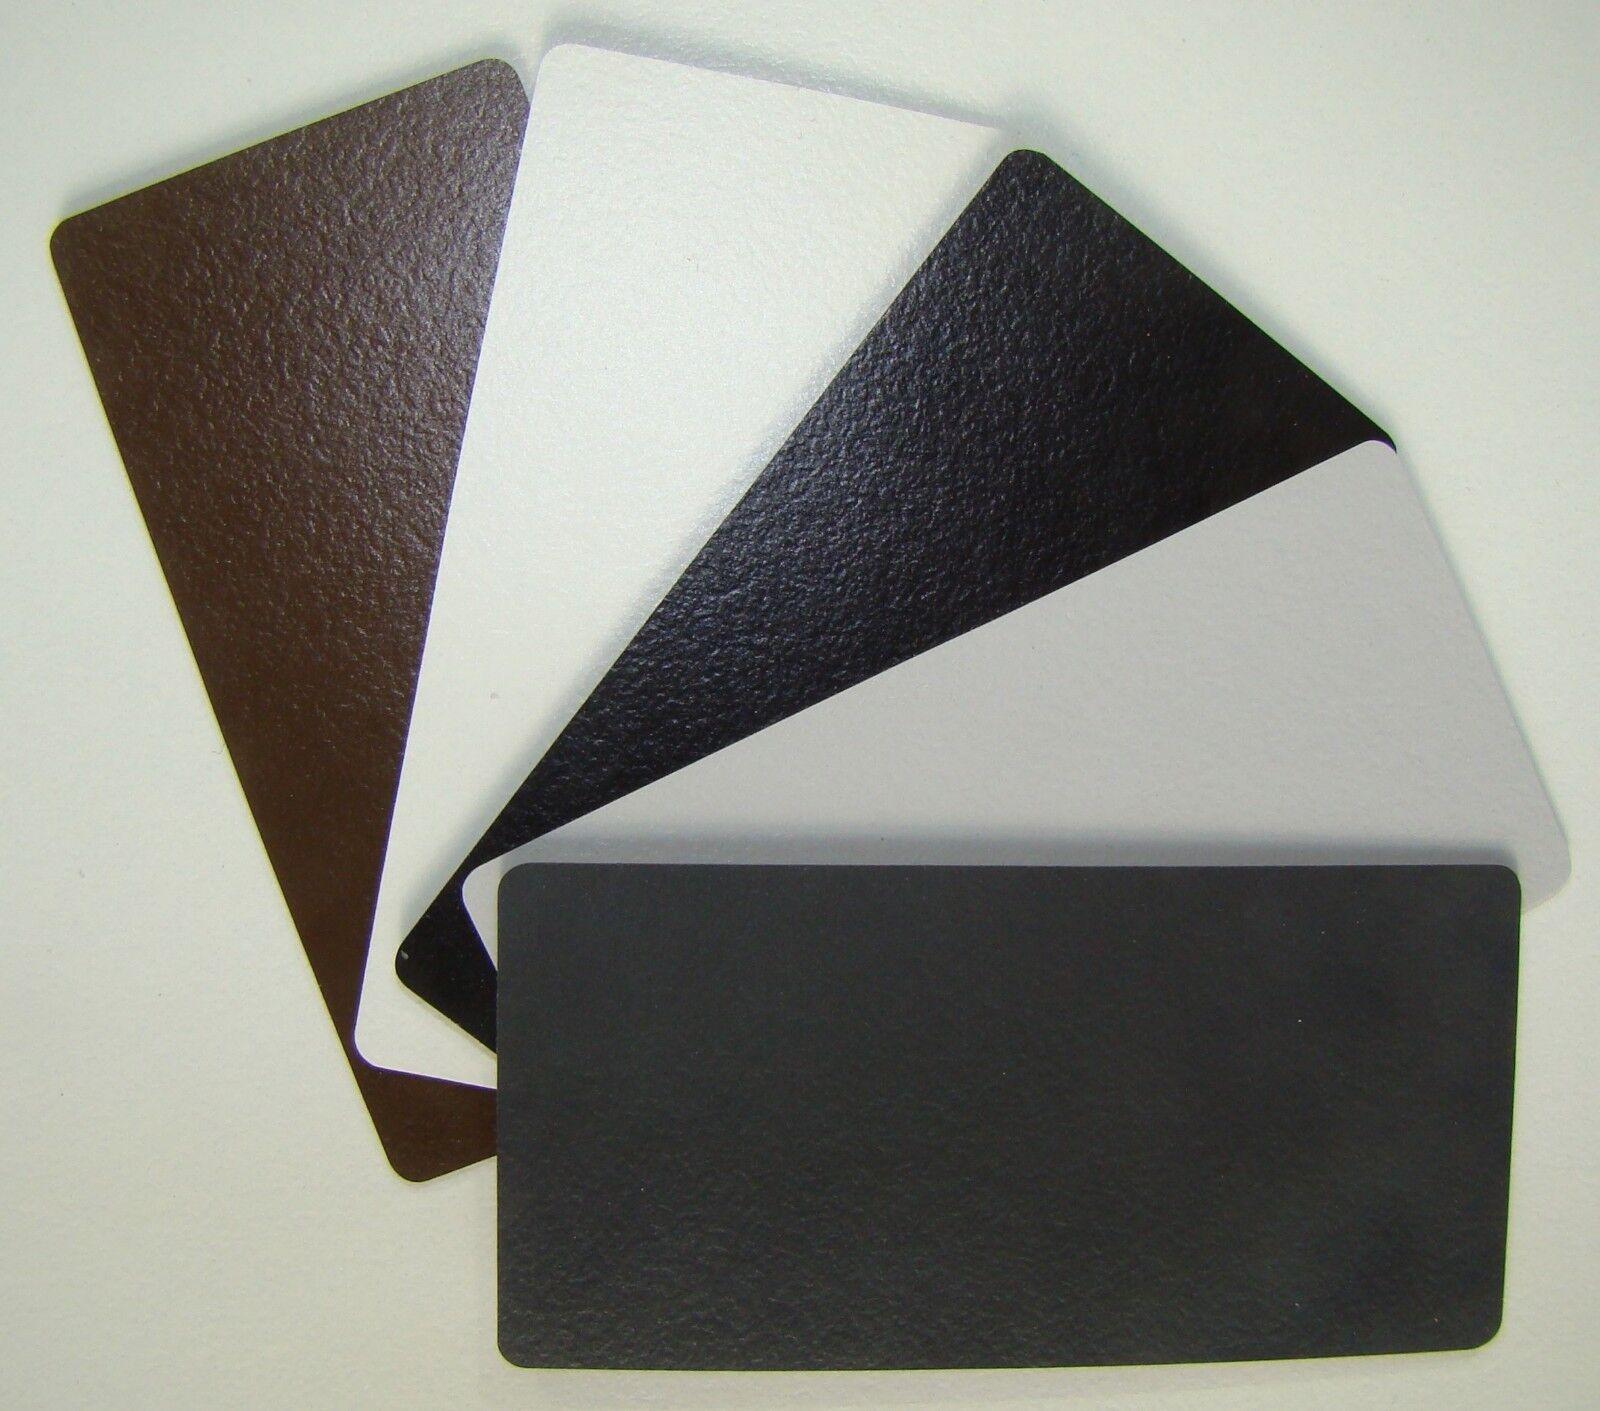 HPL-Platte 5 Farben 6 + 8 mm beidseitig UV-geschützt Balkonplatte Fassadenplatte